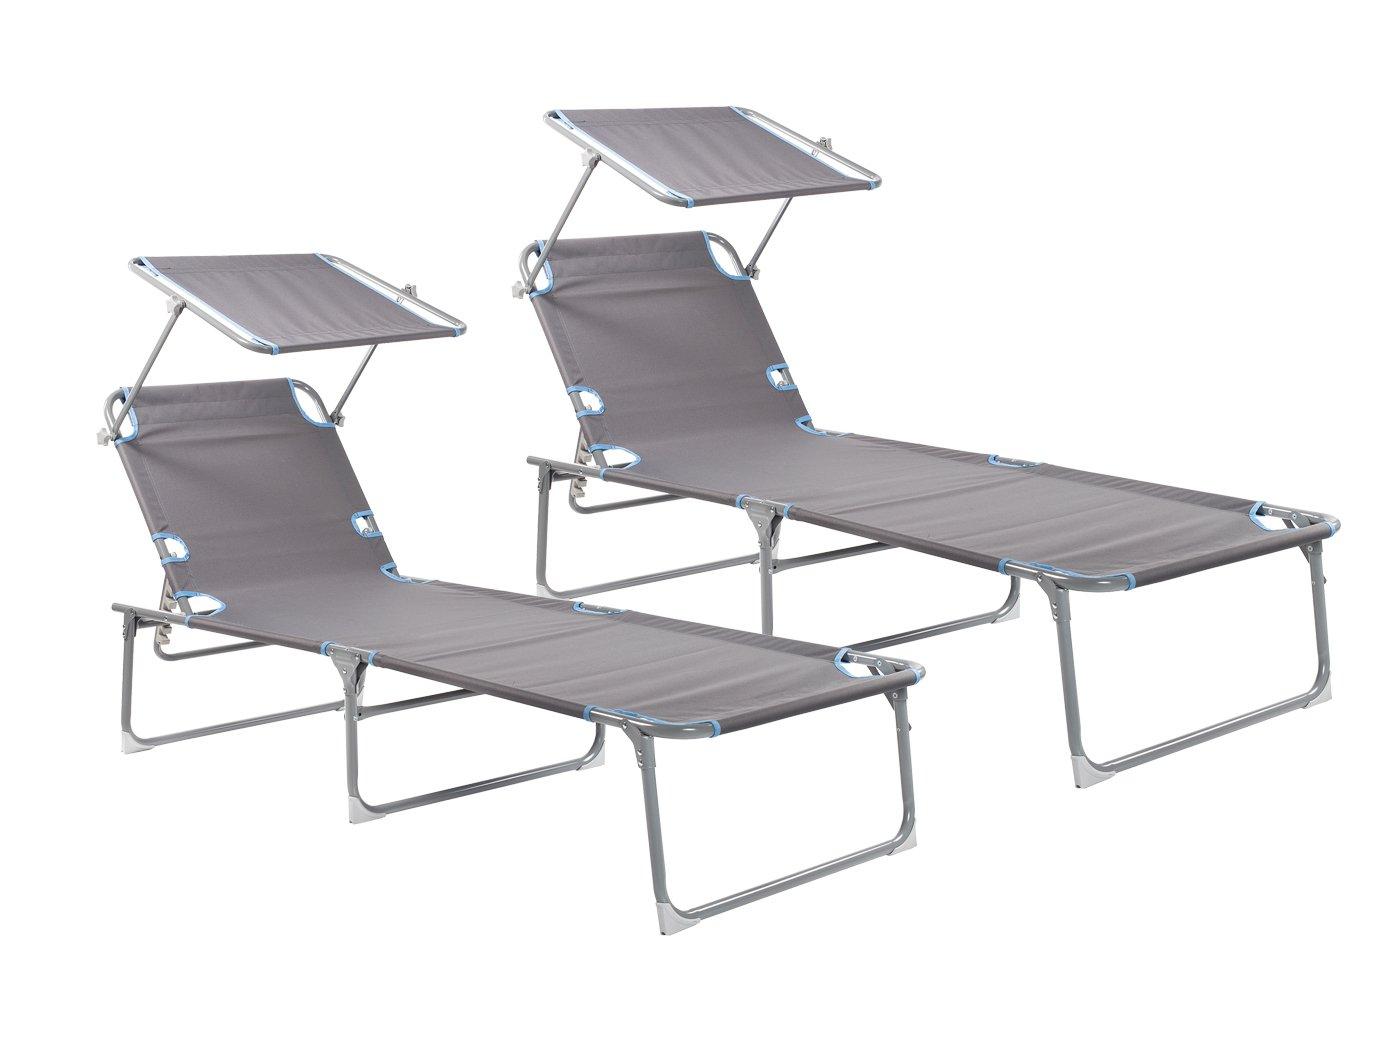 2er-Set Sonnenliege mit Dach, verstellbar, zusammenklappbar, belastbar bis 120kg; Campart Travel BE-0625 günstig bestellen